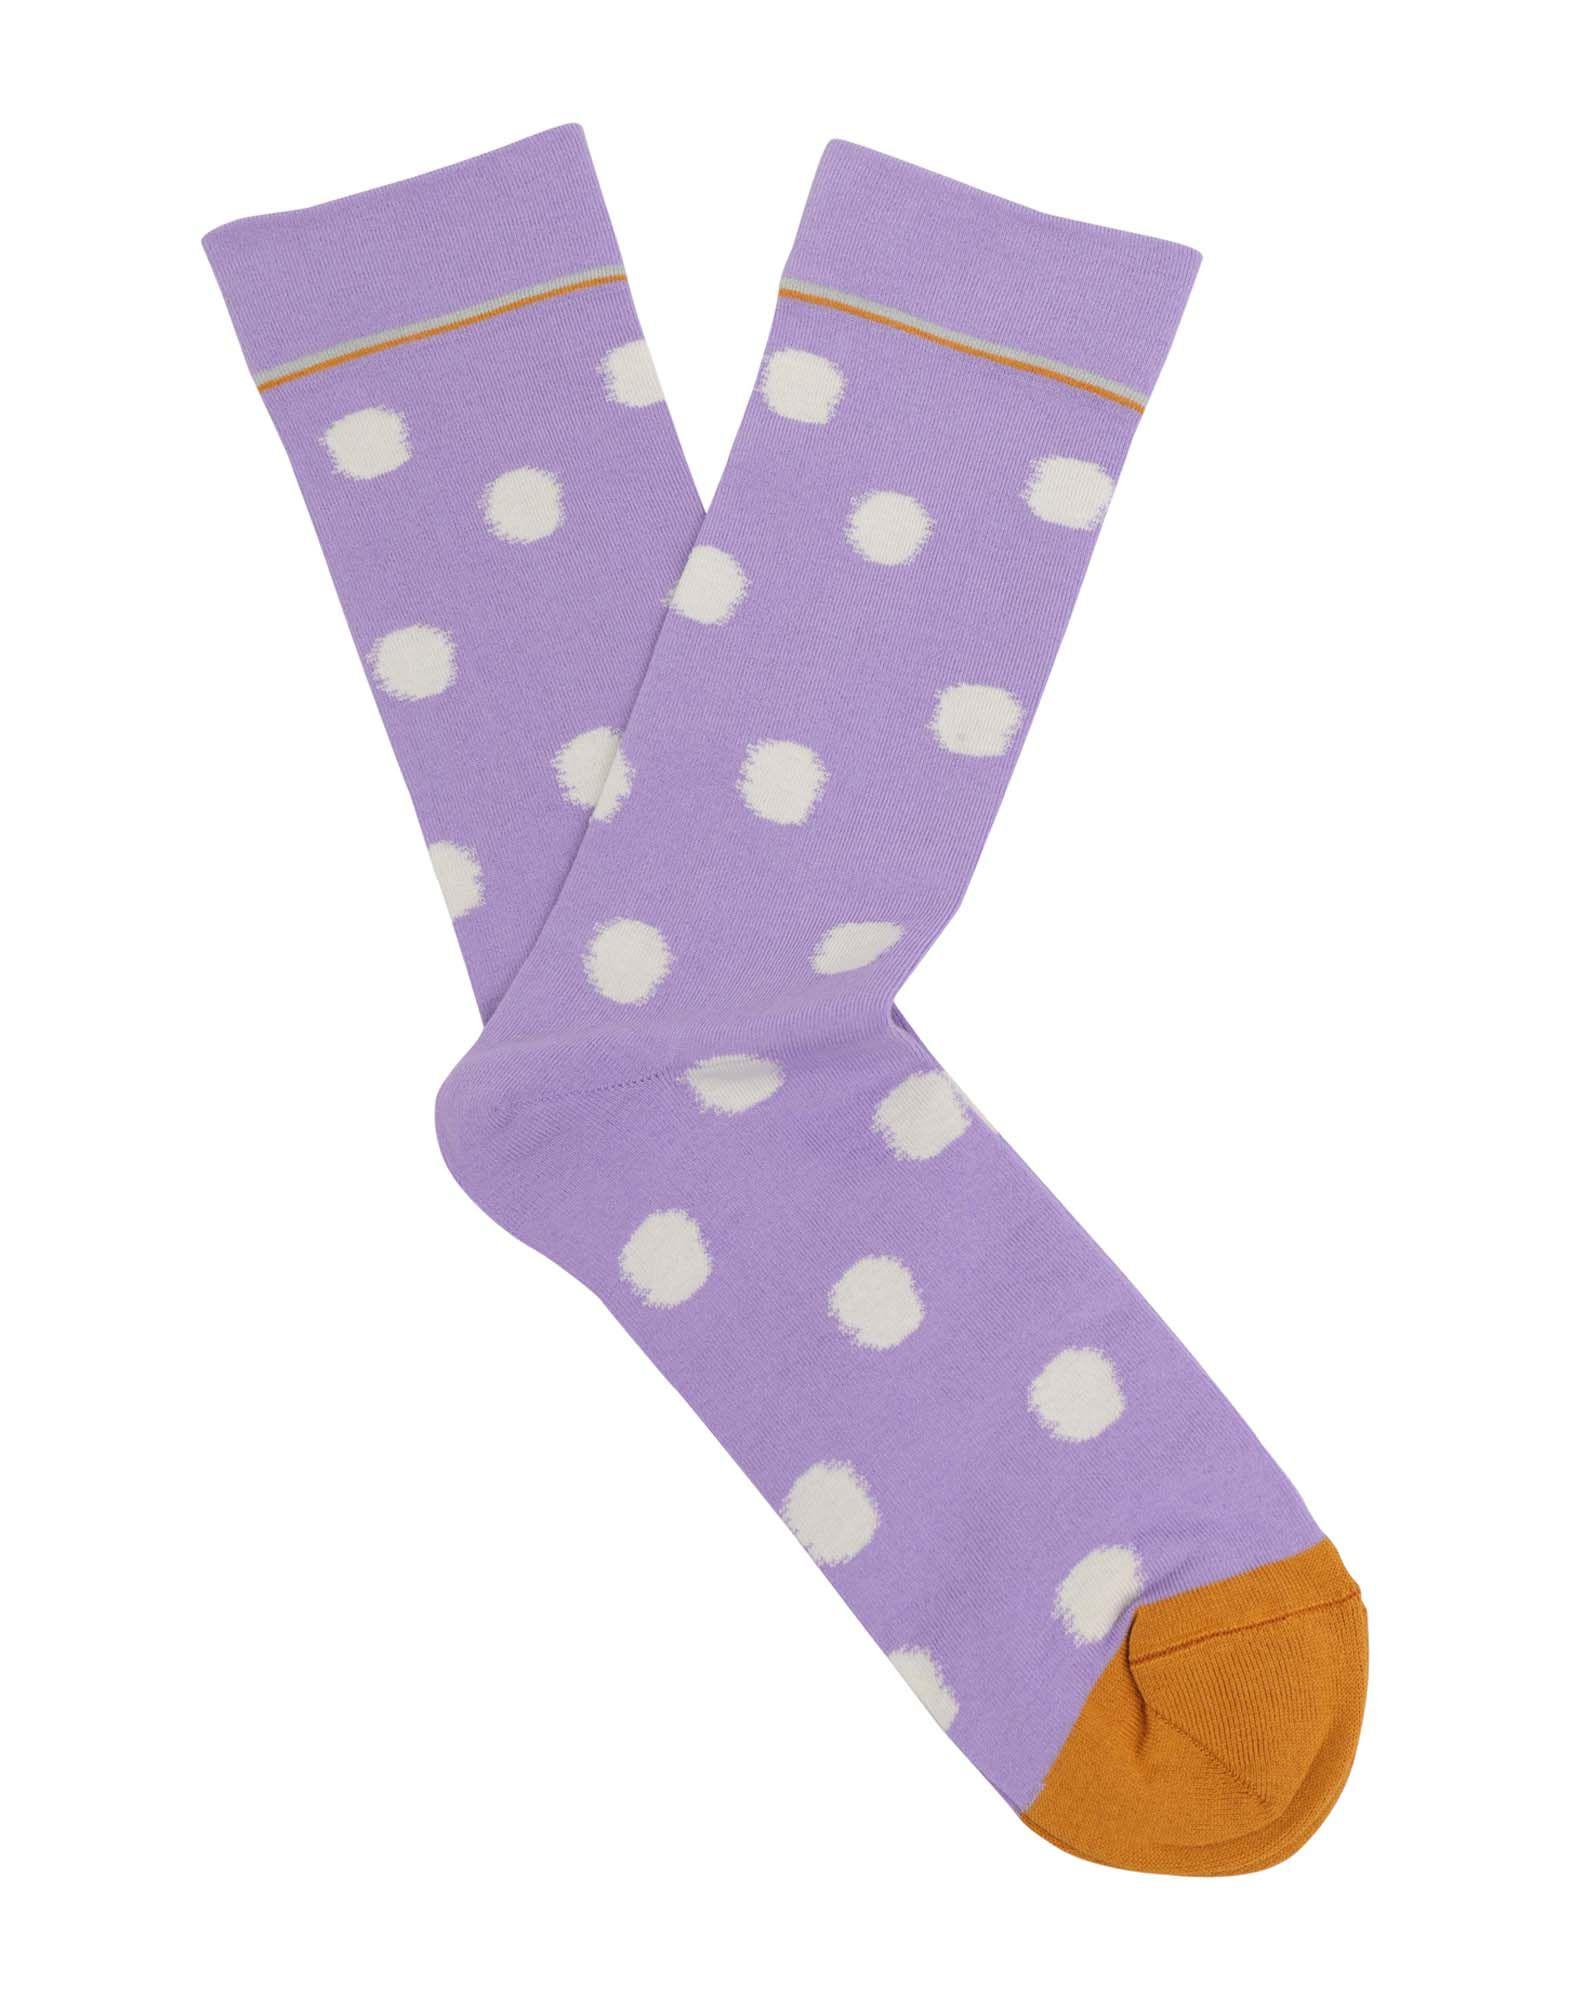 мужские сандали коламбия купить